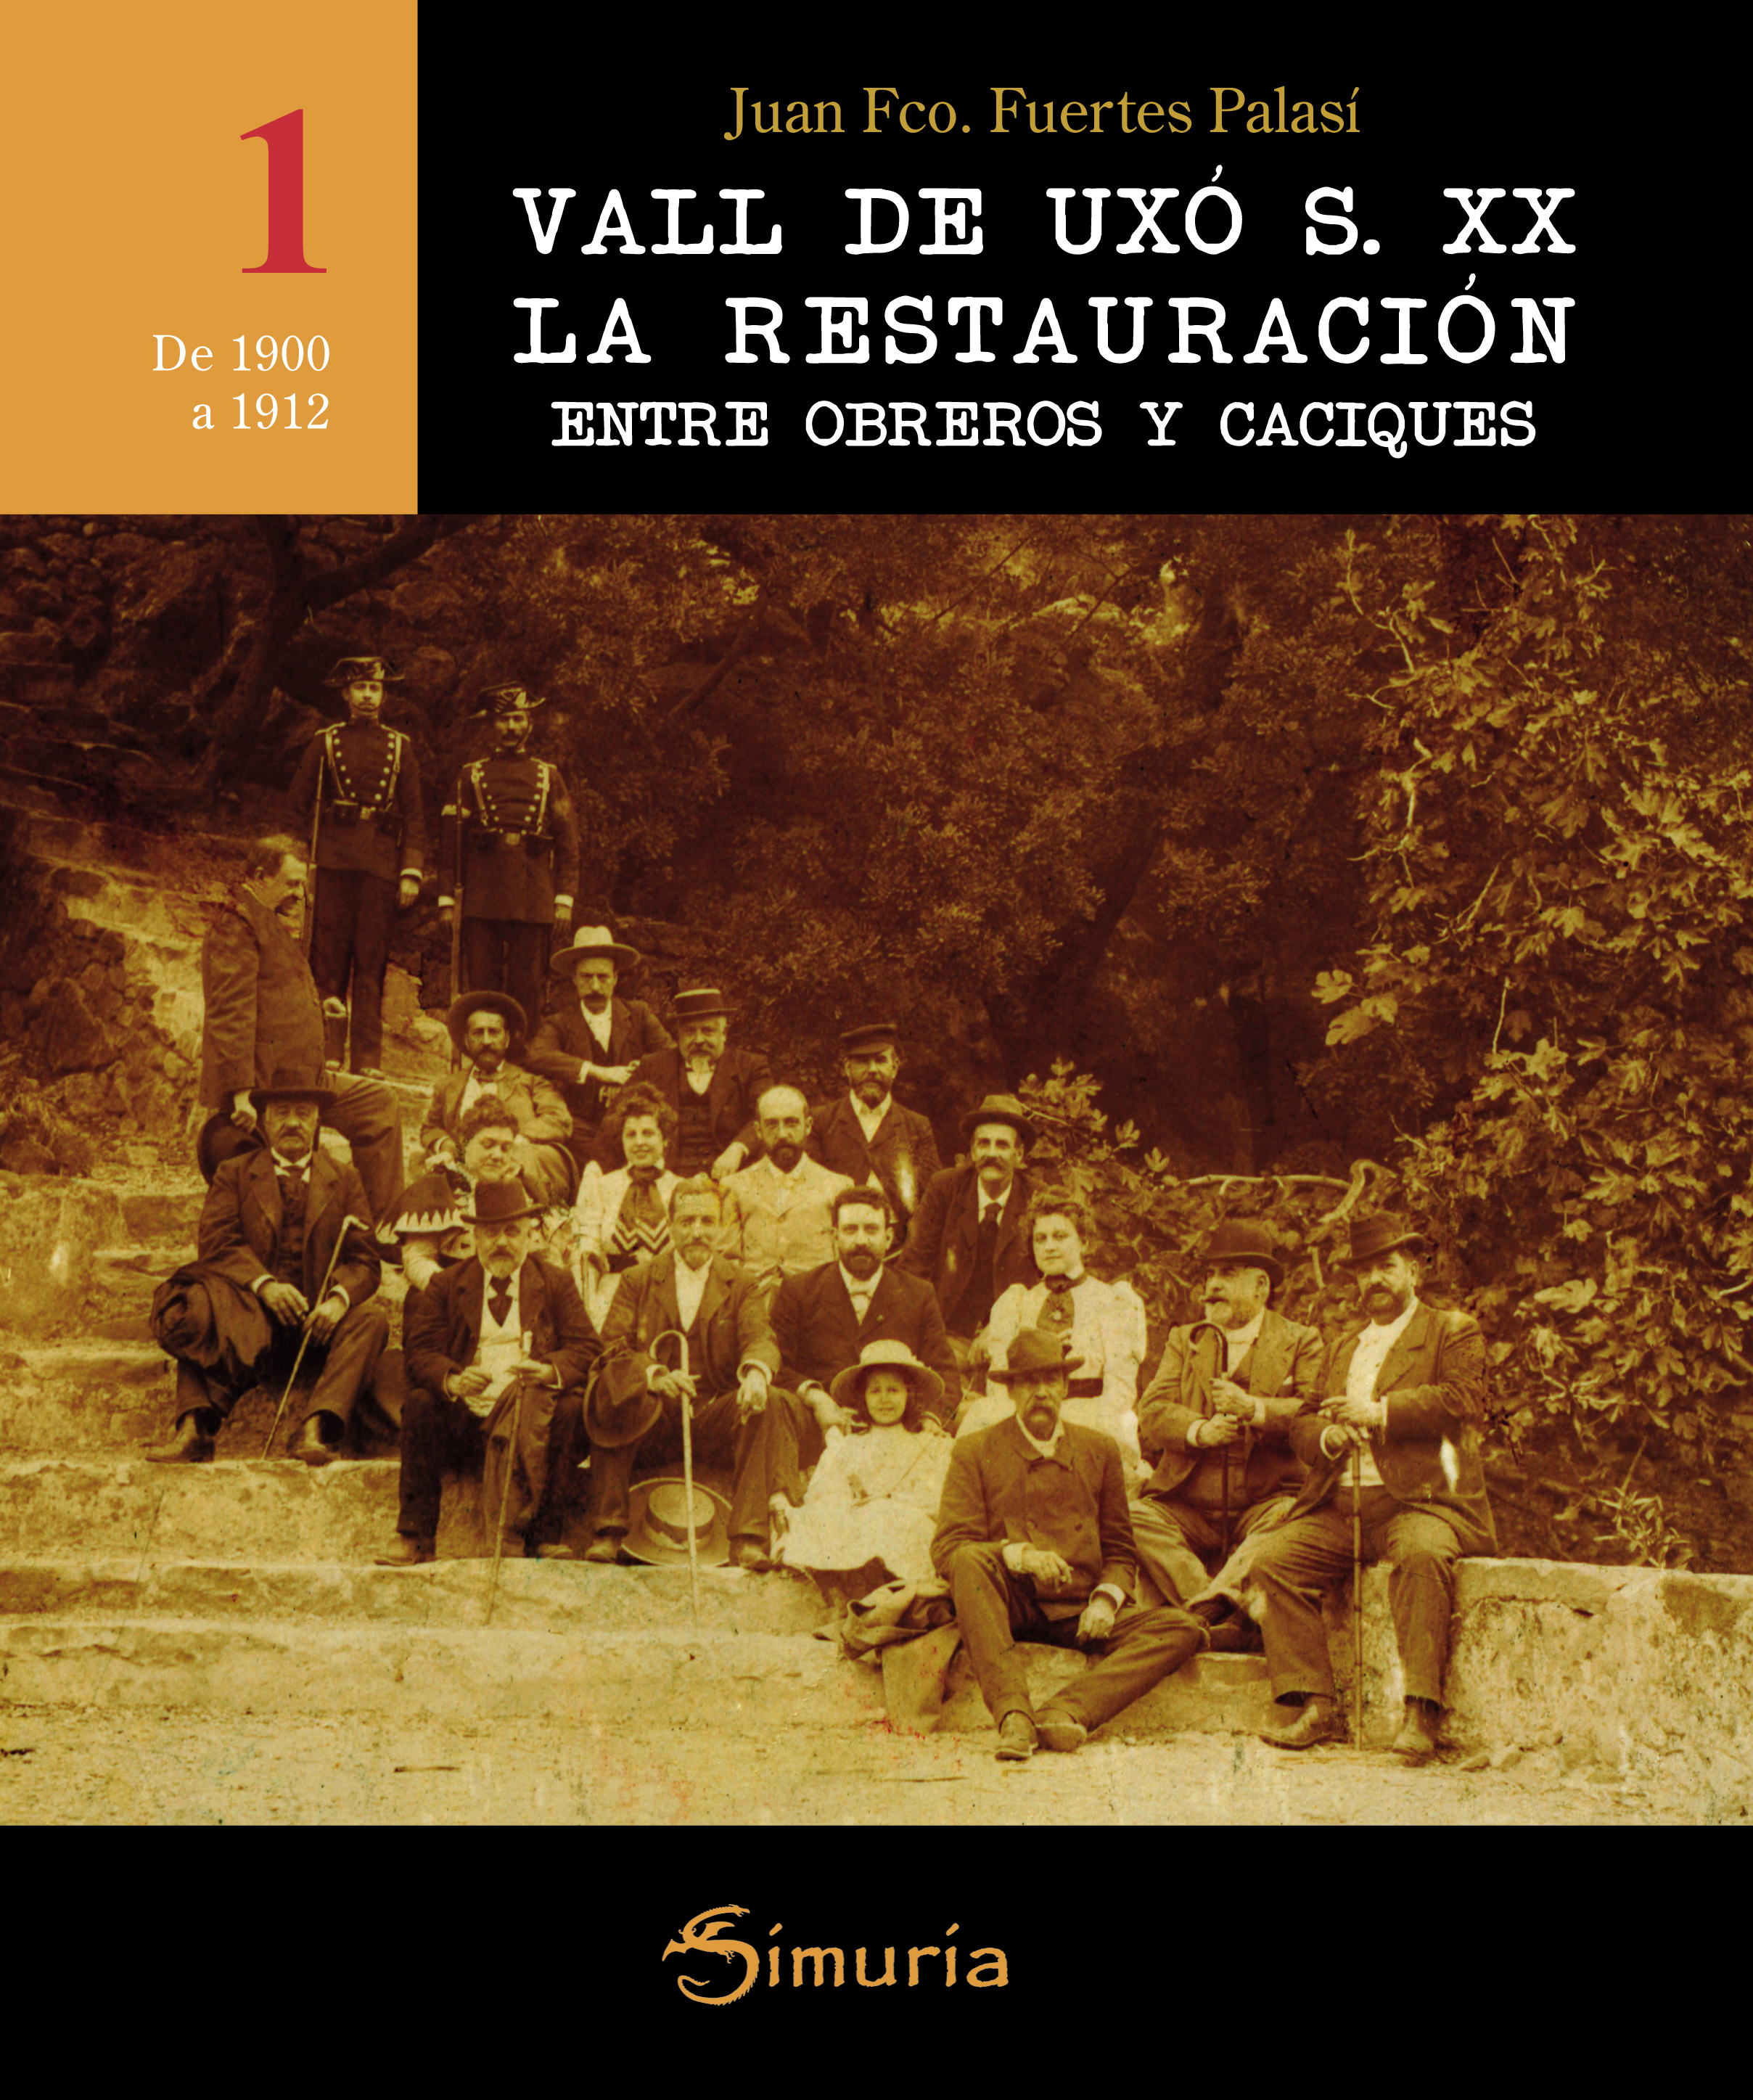 VALL DE UXÓ S. XX LA RESTAURACION entre obreros y caciques